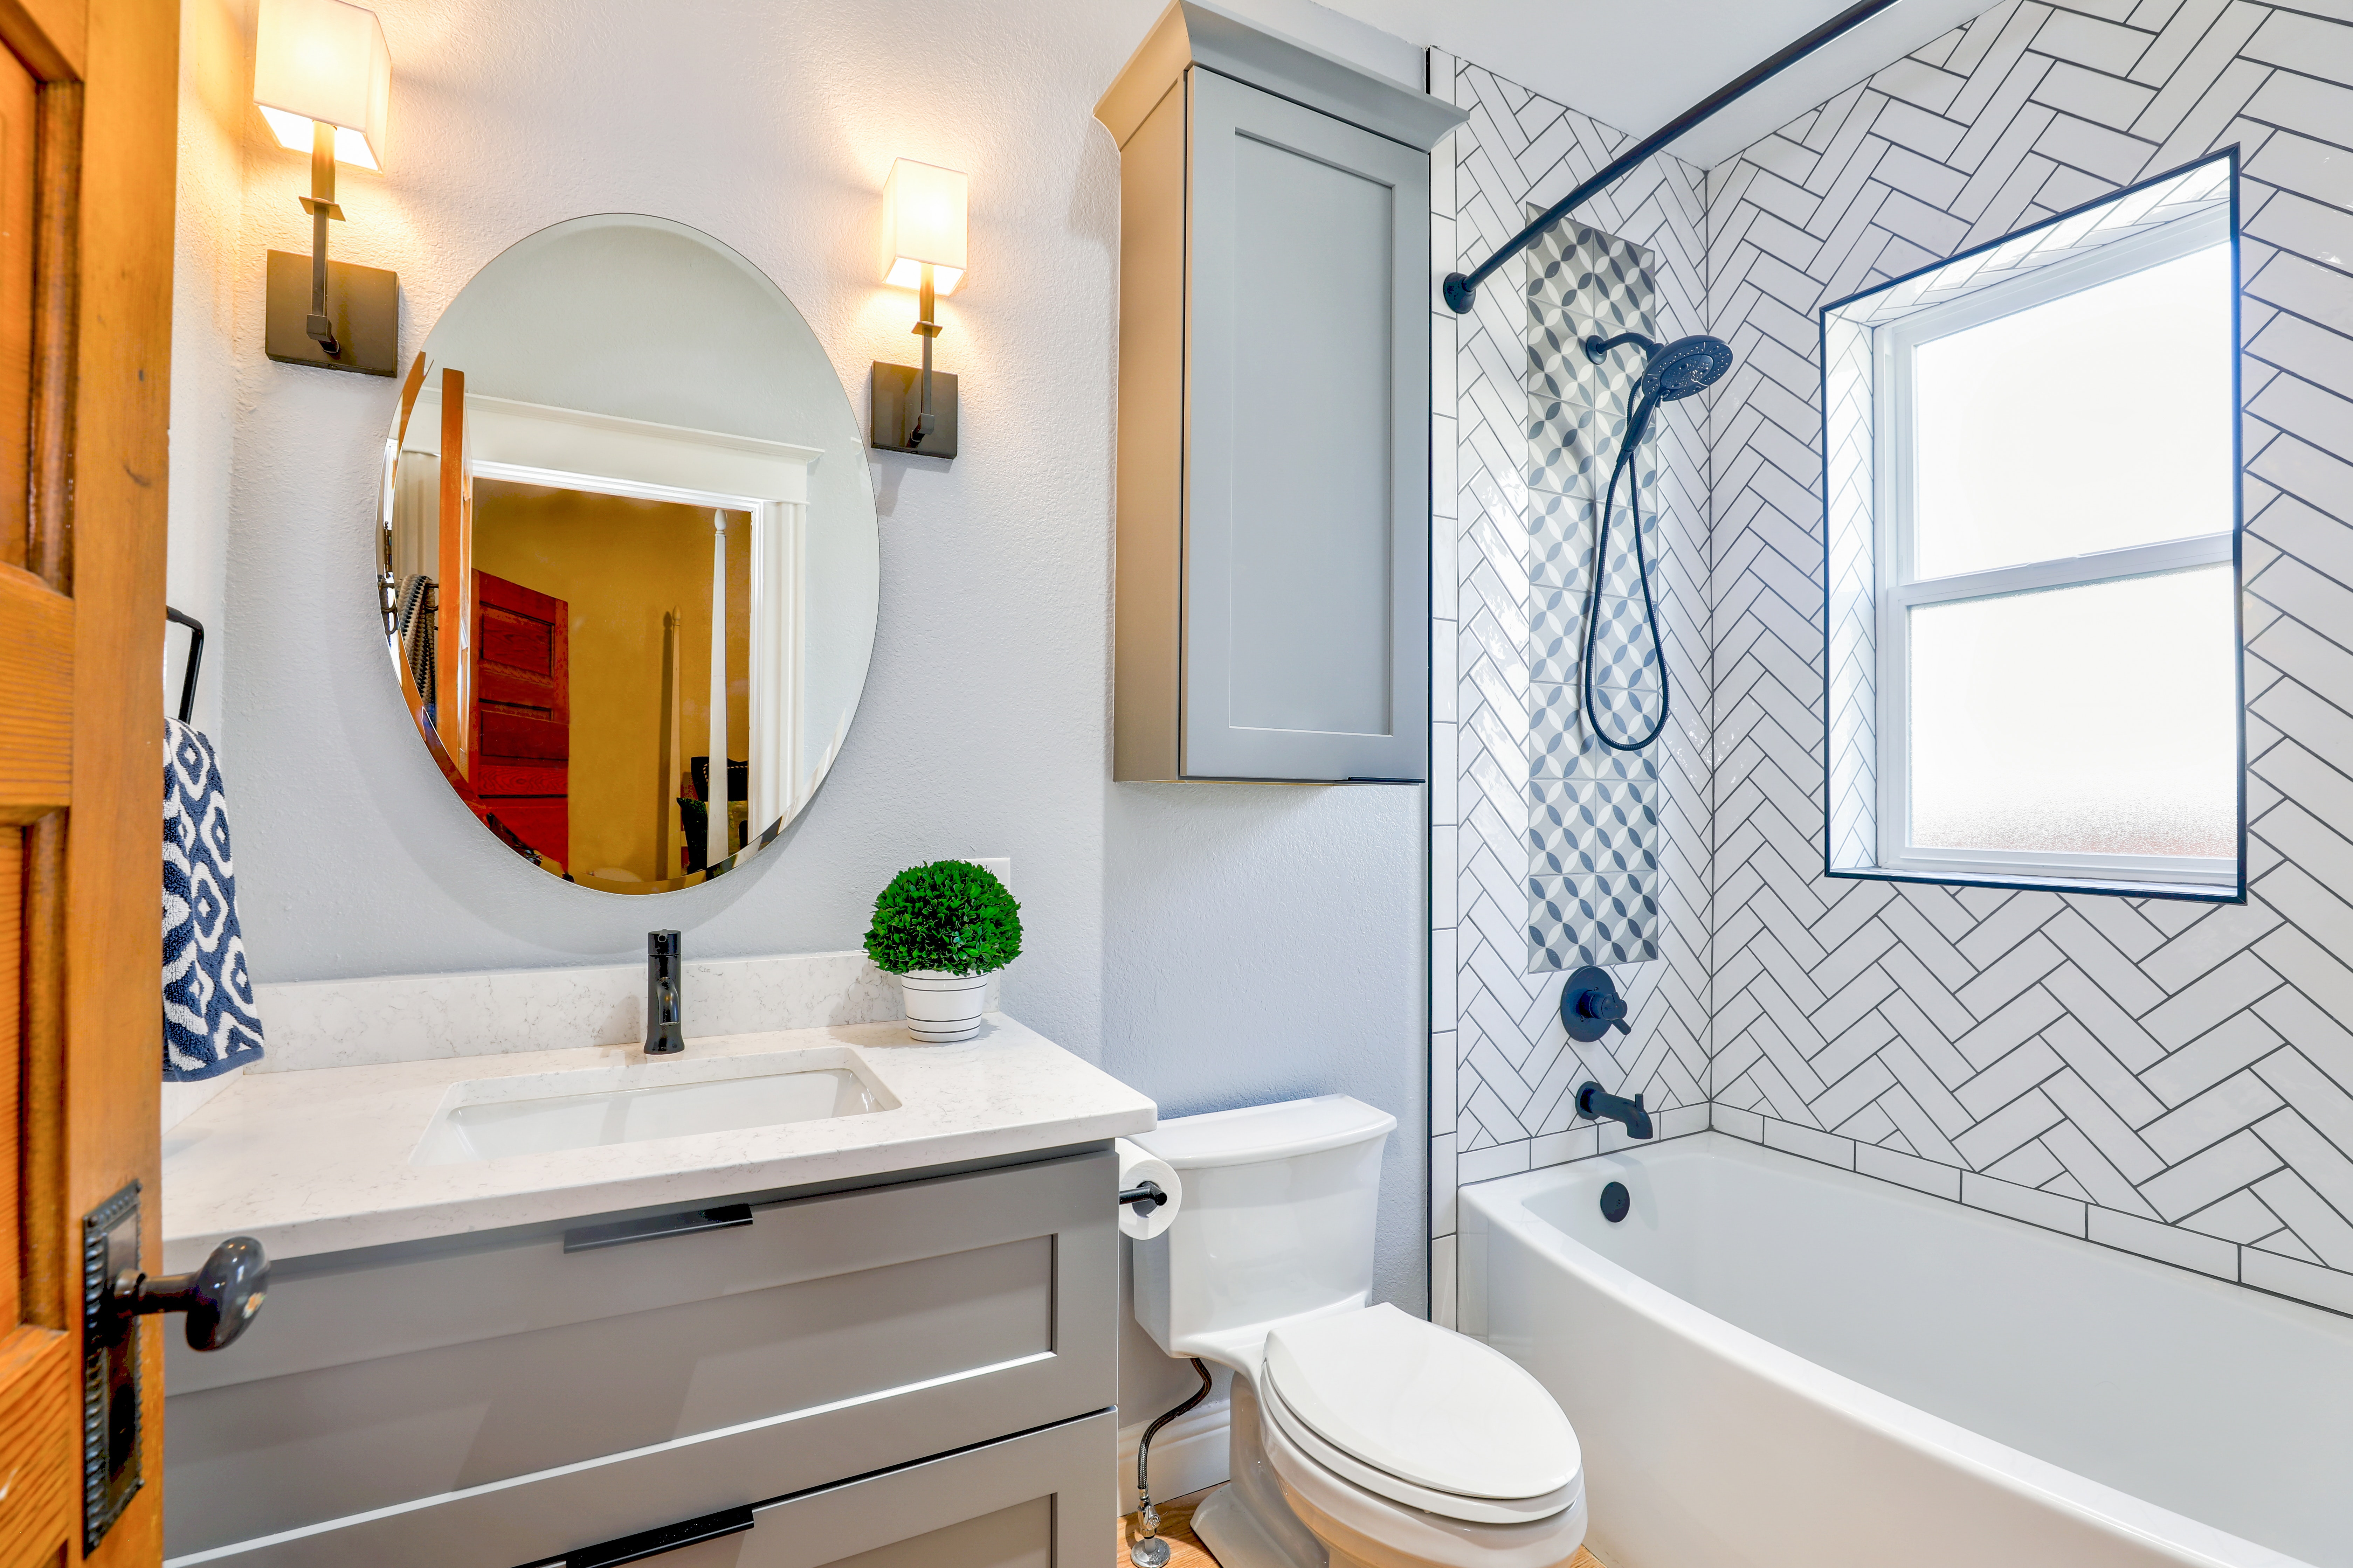 De Tegels In De Badkamer Maak Je Het Best Schoon Met Dit Wondermiddel